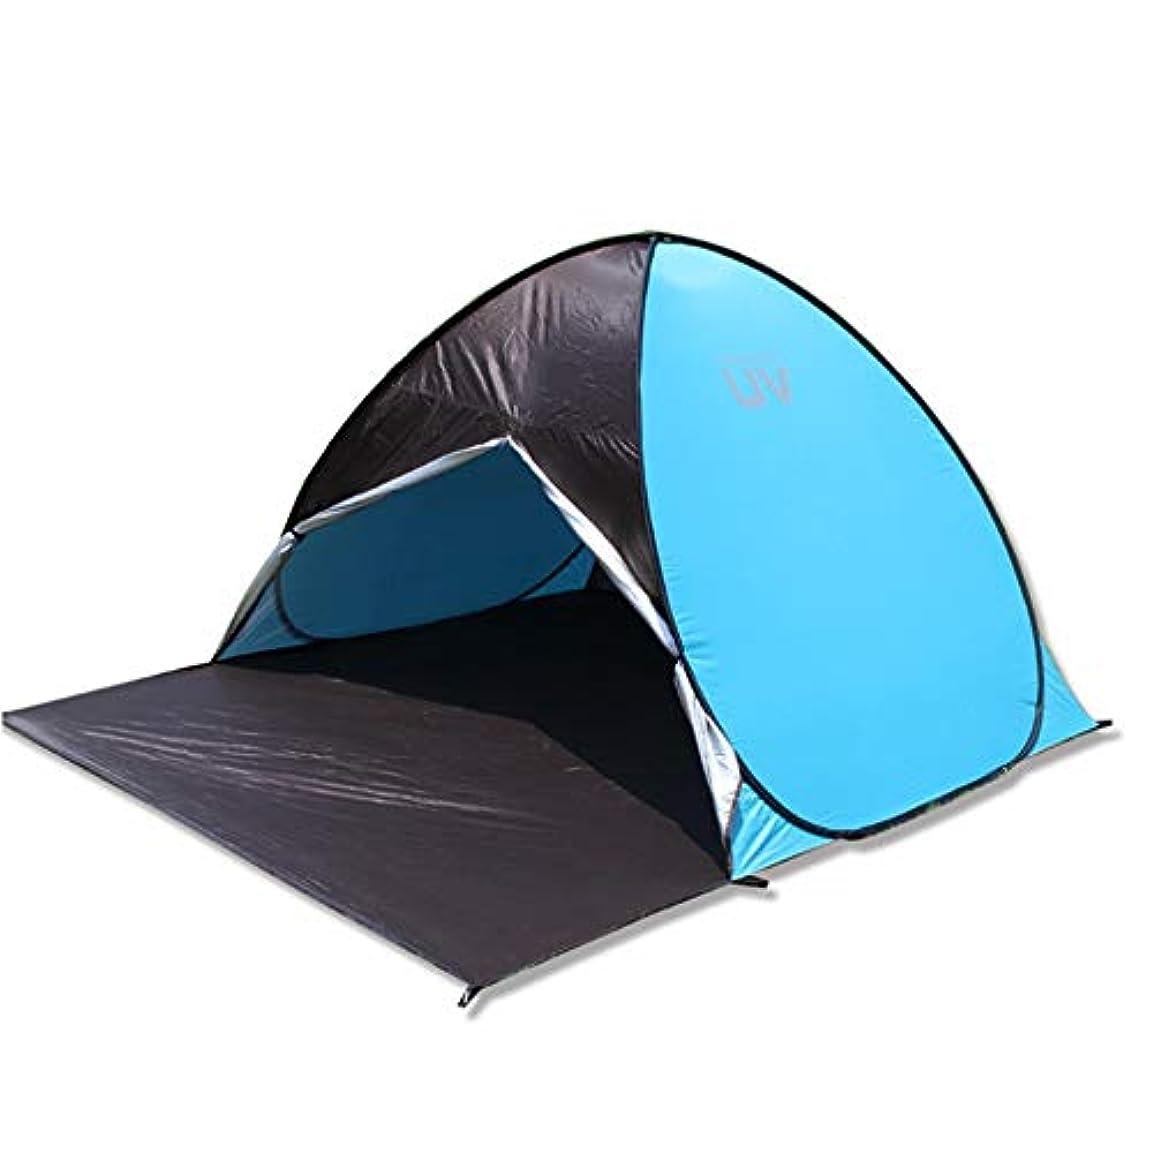 ドナーメナジェリー複雑ワンタッチテント ポップアップビーチテント3-4人家族の紫外線保護大型サンシェードポータブルサンシェルターキャンプの釣りのための自動インスタントキャノピーテントハイキングピクニック屋外キャノピーキャリーバッグ付きキャノピーテントキャナバテント 超軽量 通気性抜群 2-3人用 (色 : 青, サイズ : 220*160*130cm)